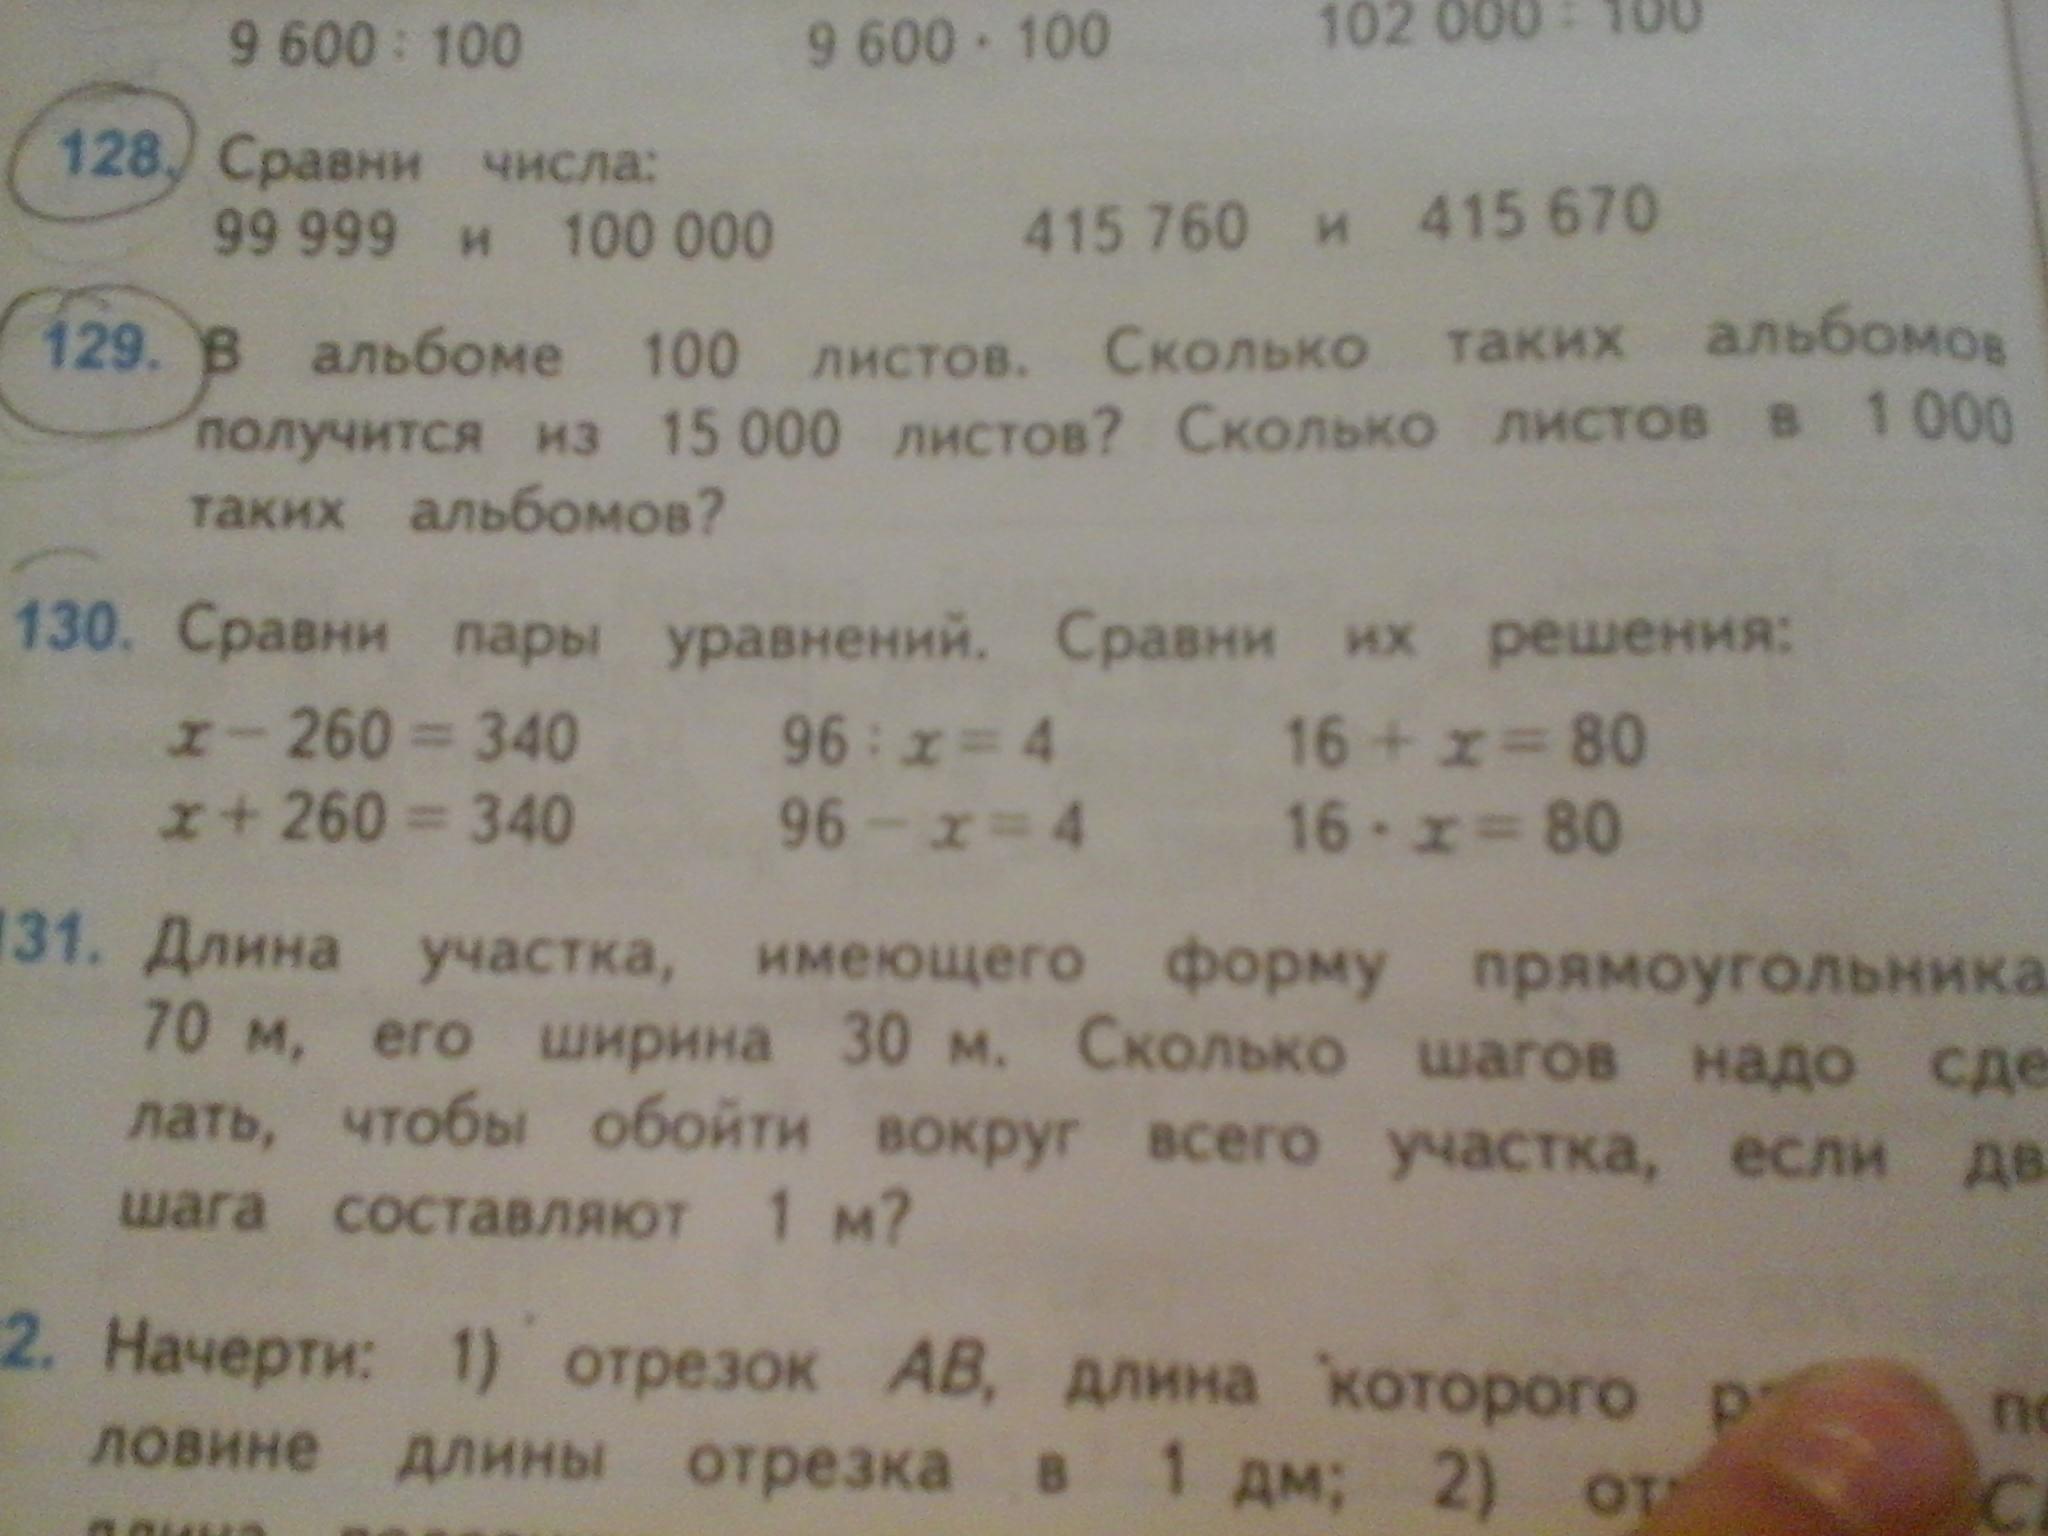 Решить задачу в альбоме 100 листов гдз i физика решение задач